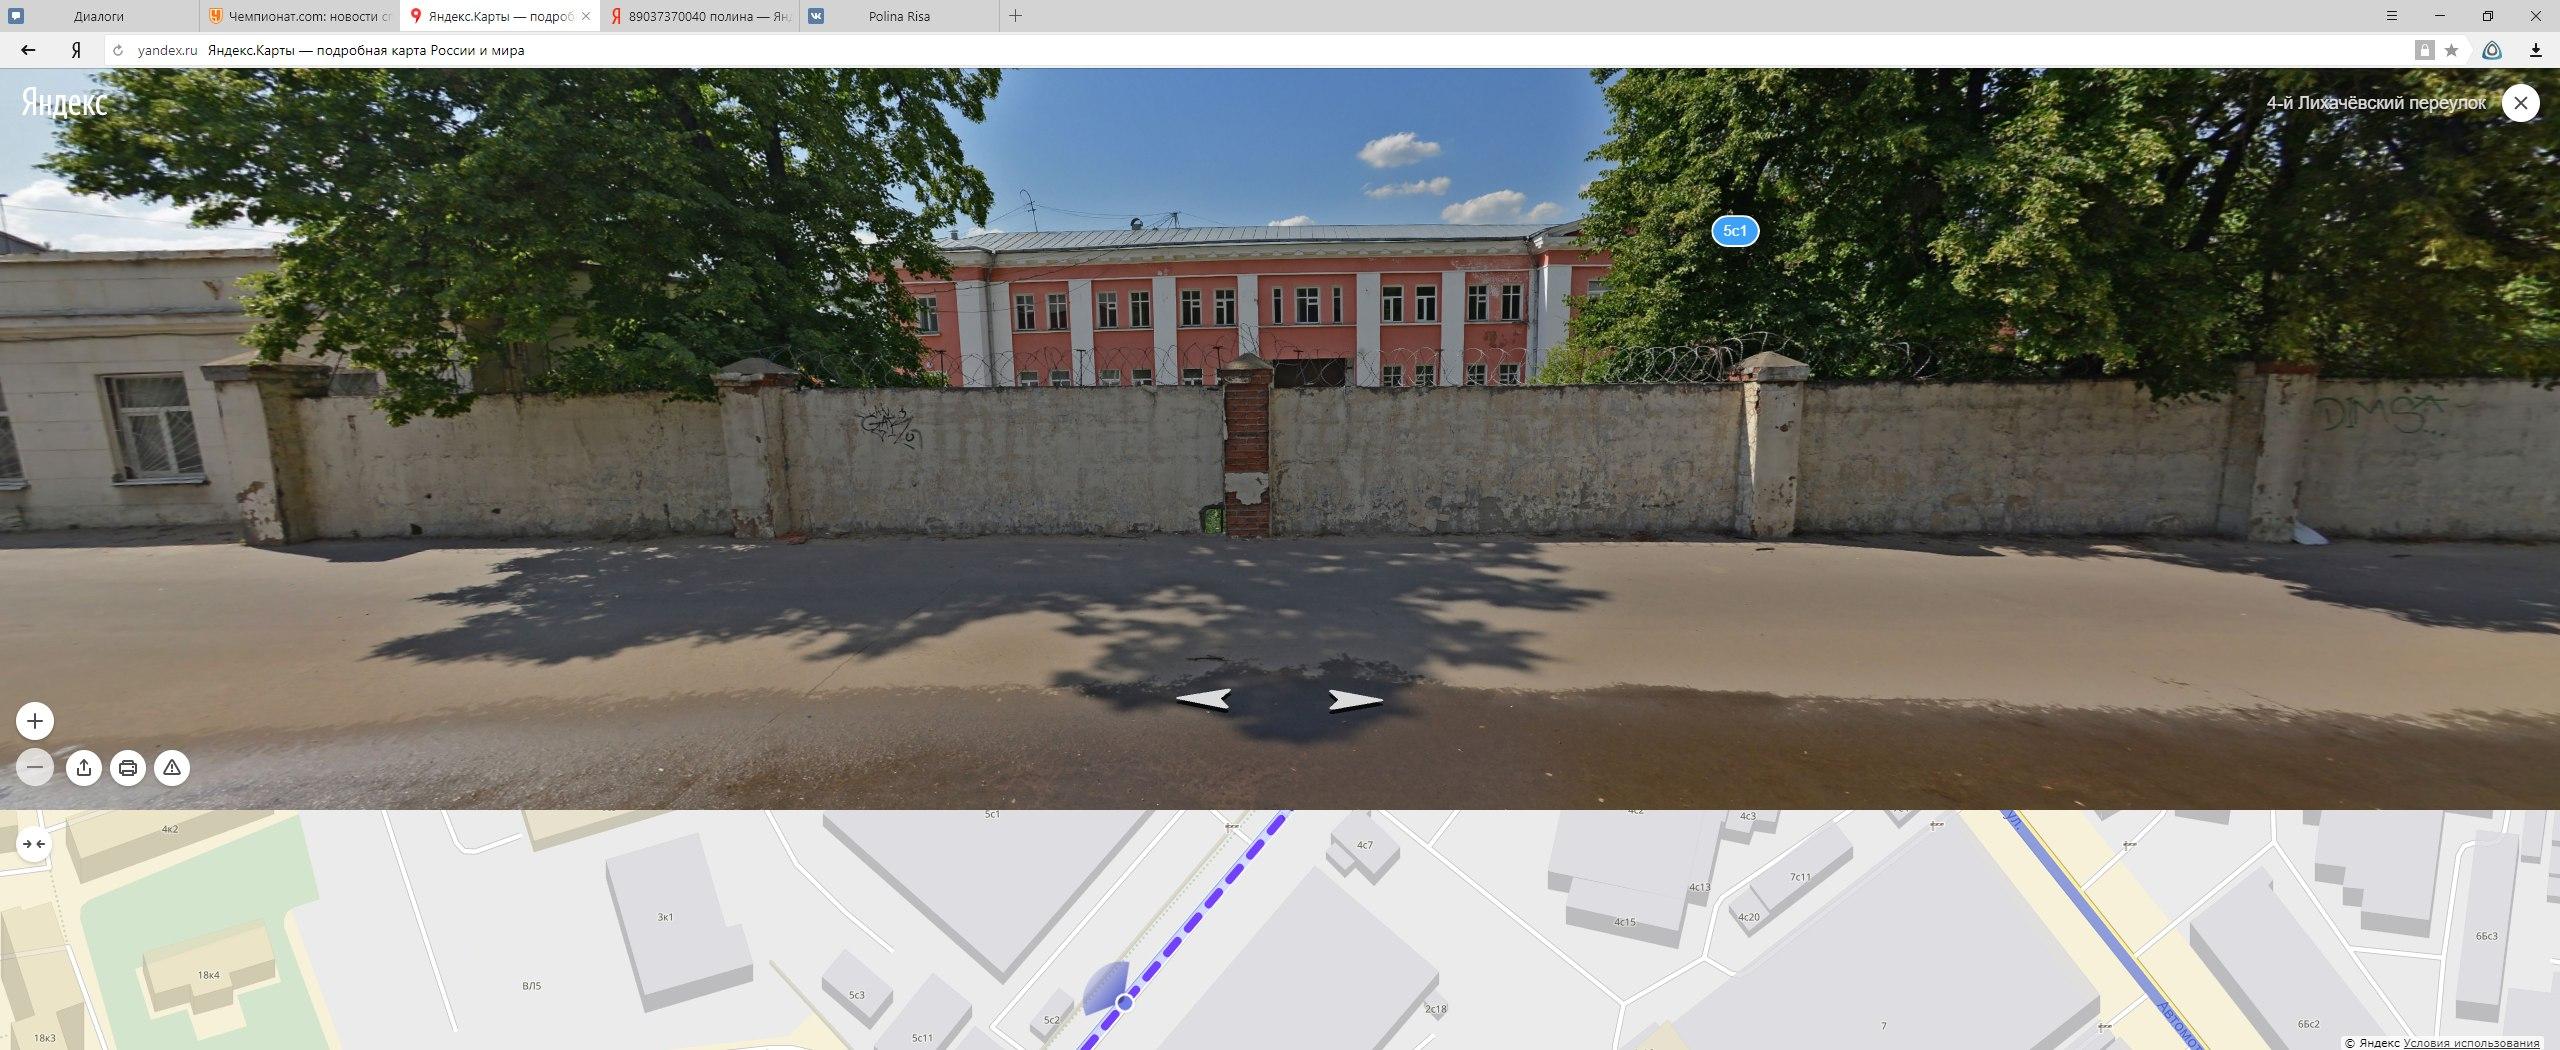 Москва, Уланта Армани ДеЖаСтрон, сука, 08.03.11 6e4q8xviUjc